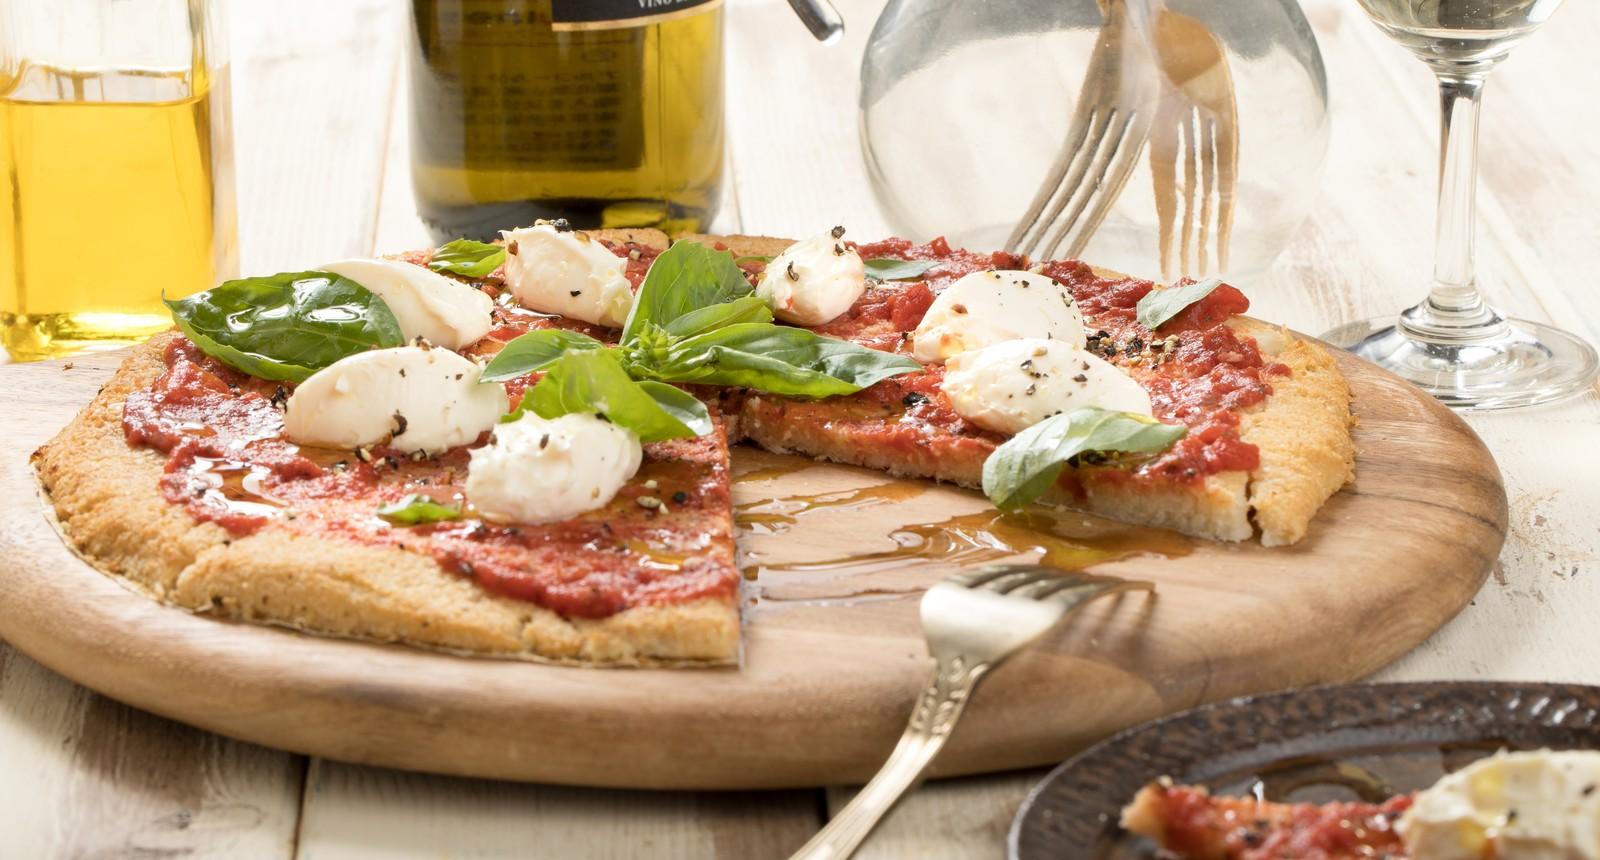 櫟の丘のピザは湯布院のランチにおすすめ!人気メニューを景色と一緒に!